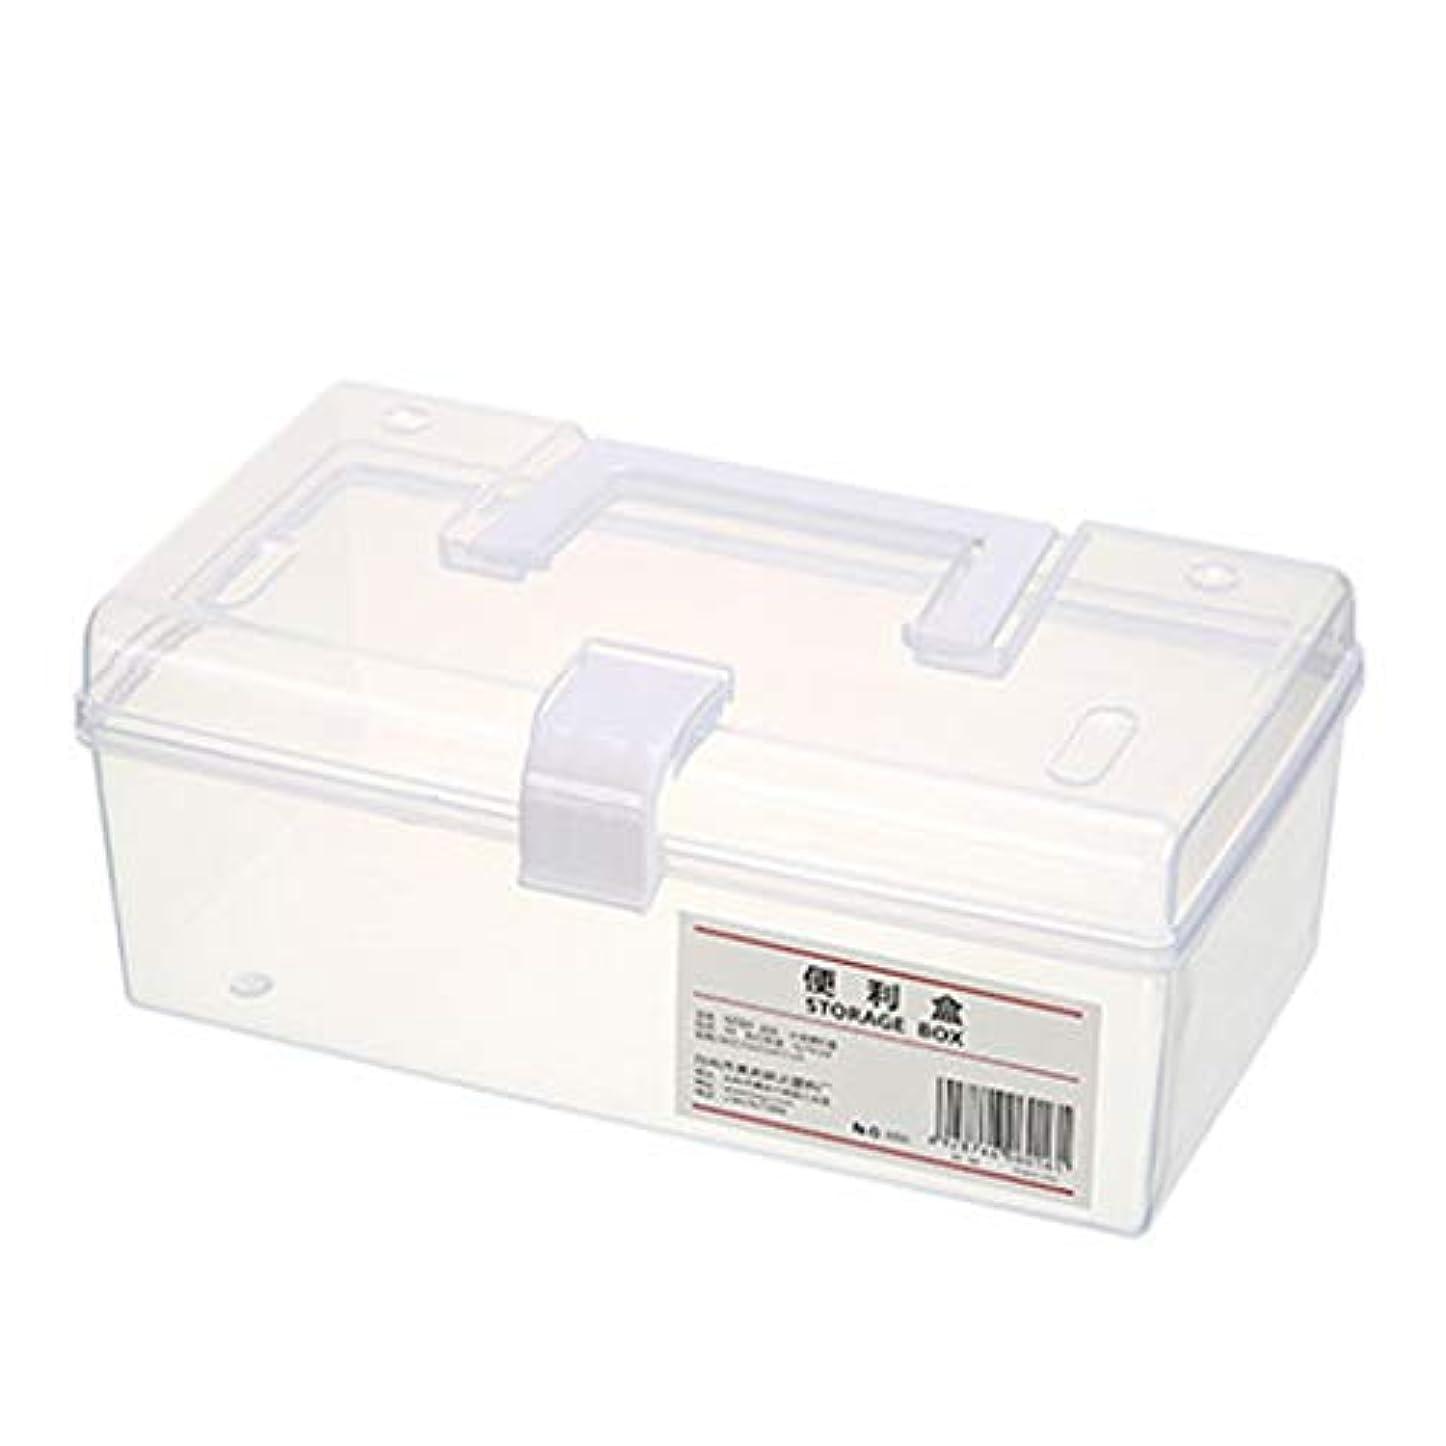 責ミニアカウントピルボックスPP家庭用薬ボックス薬収納ボックス (色 : 白, サイズ さいず : L23cm)